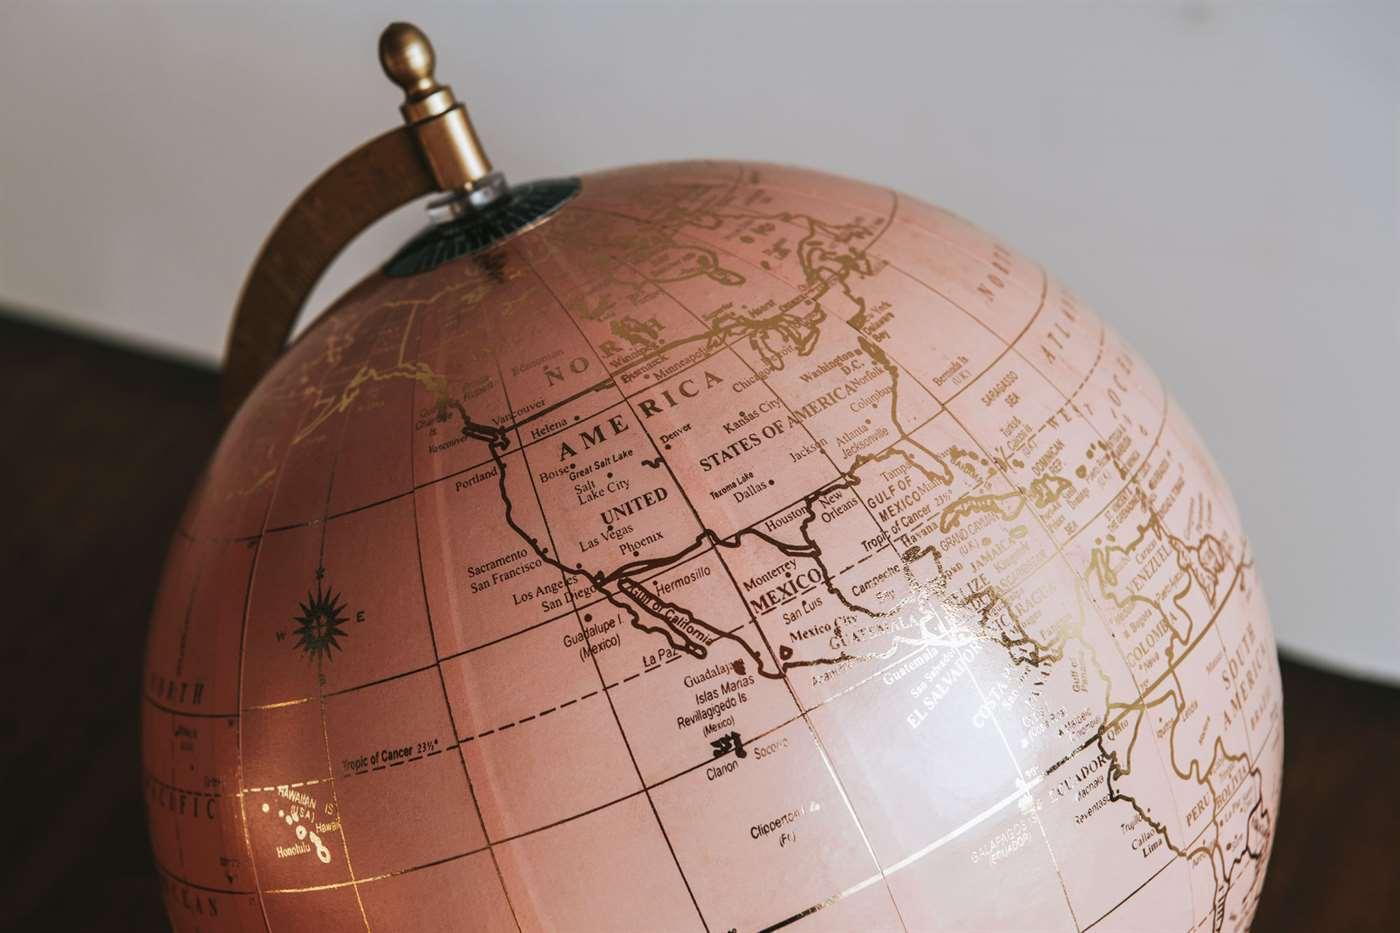 Traduction professionnelle pour les agences de communication, traduction professionnelle agences de communication